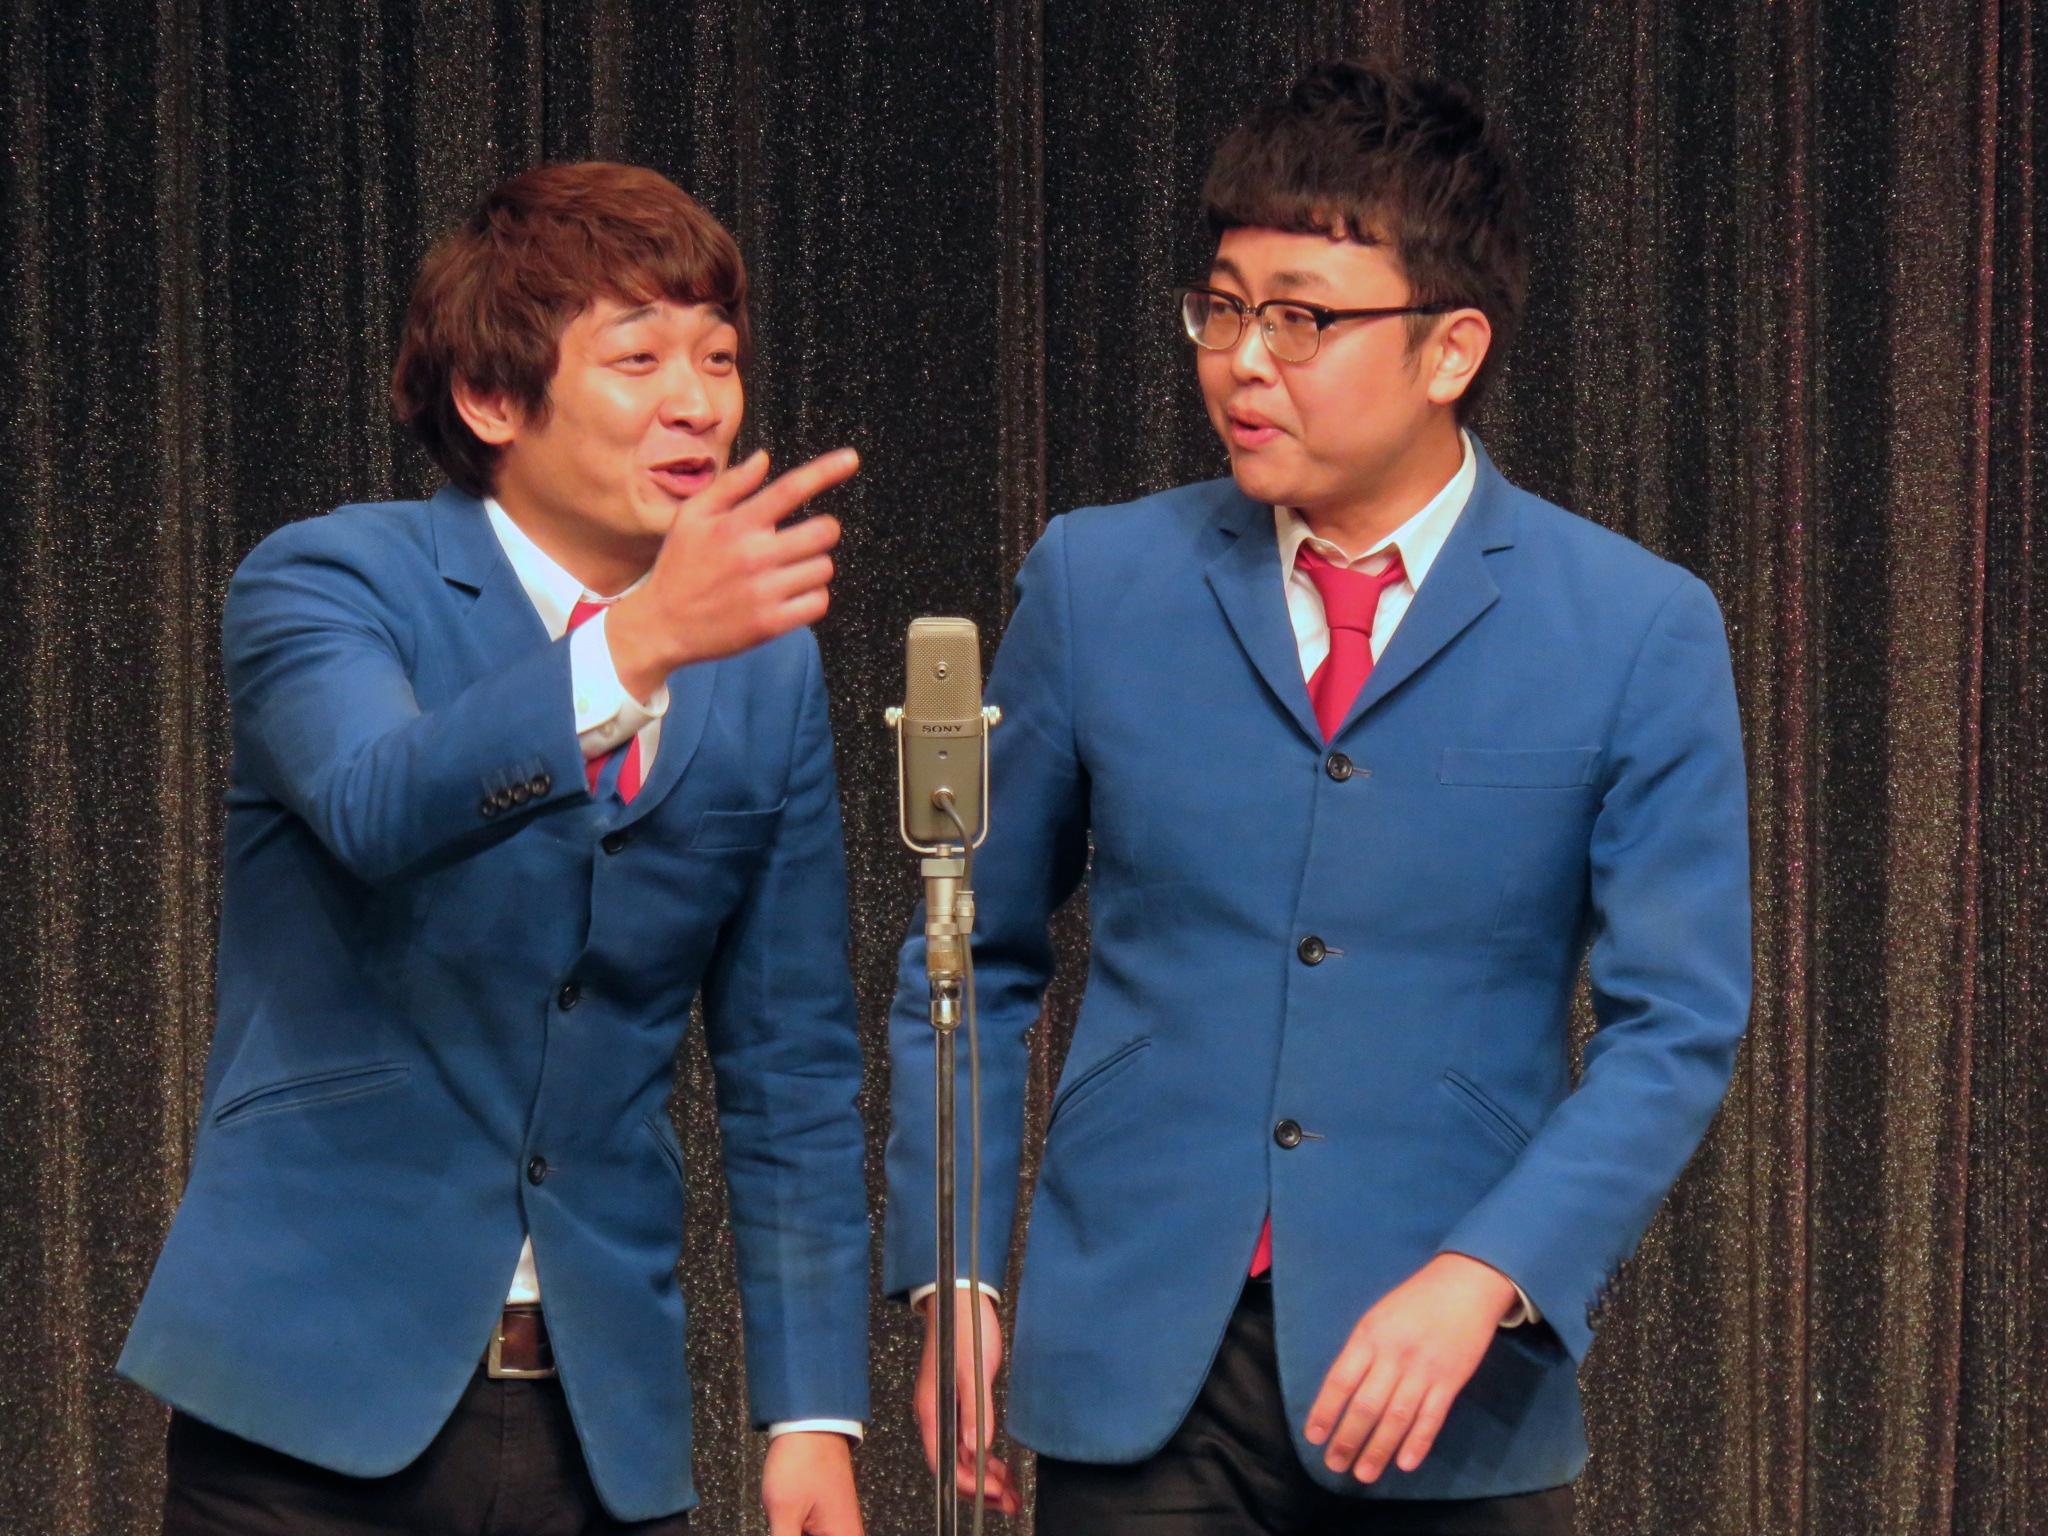 http://news.yoshimoto.co.jp/20151230165633-bf5c73d87ea9455e7f1359a1da1ad978b062b02b.jpg